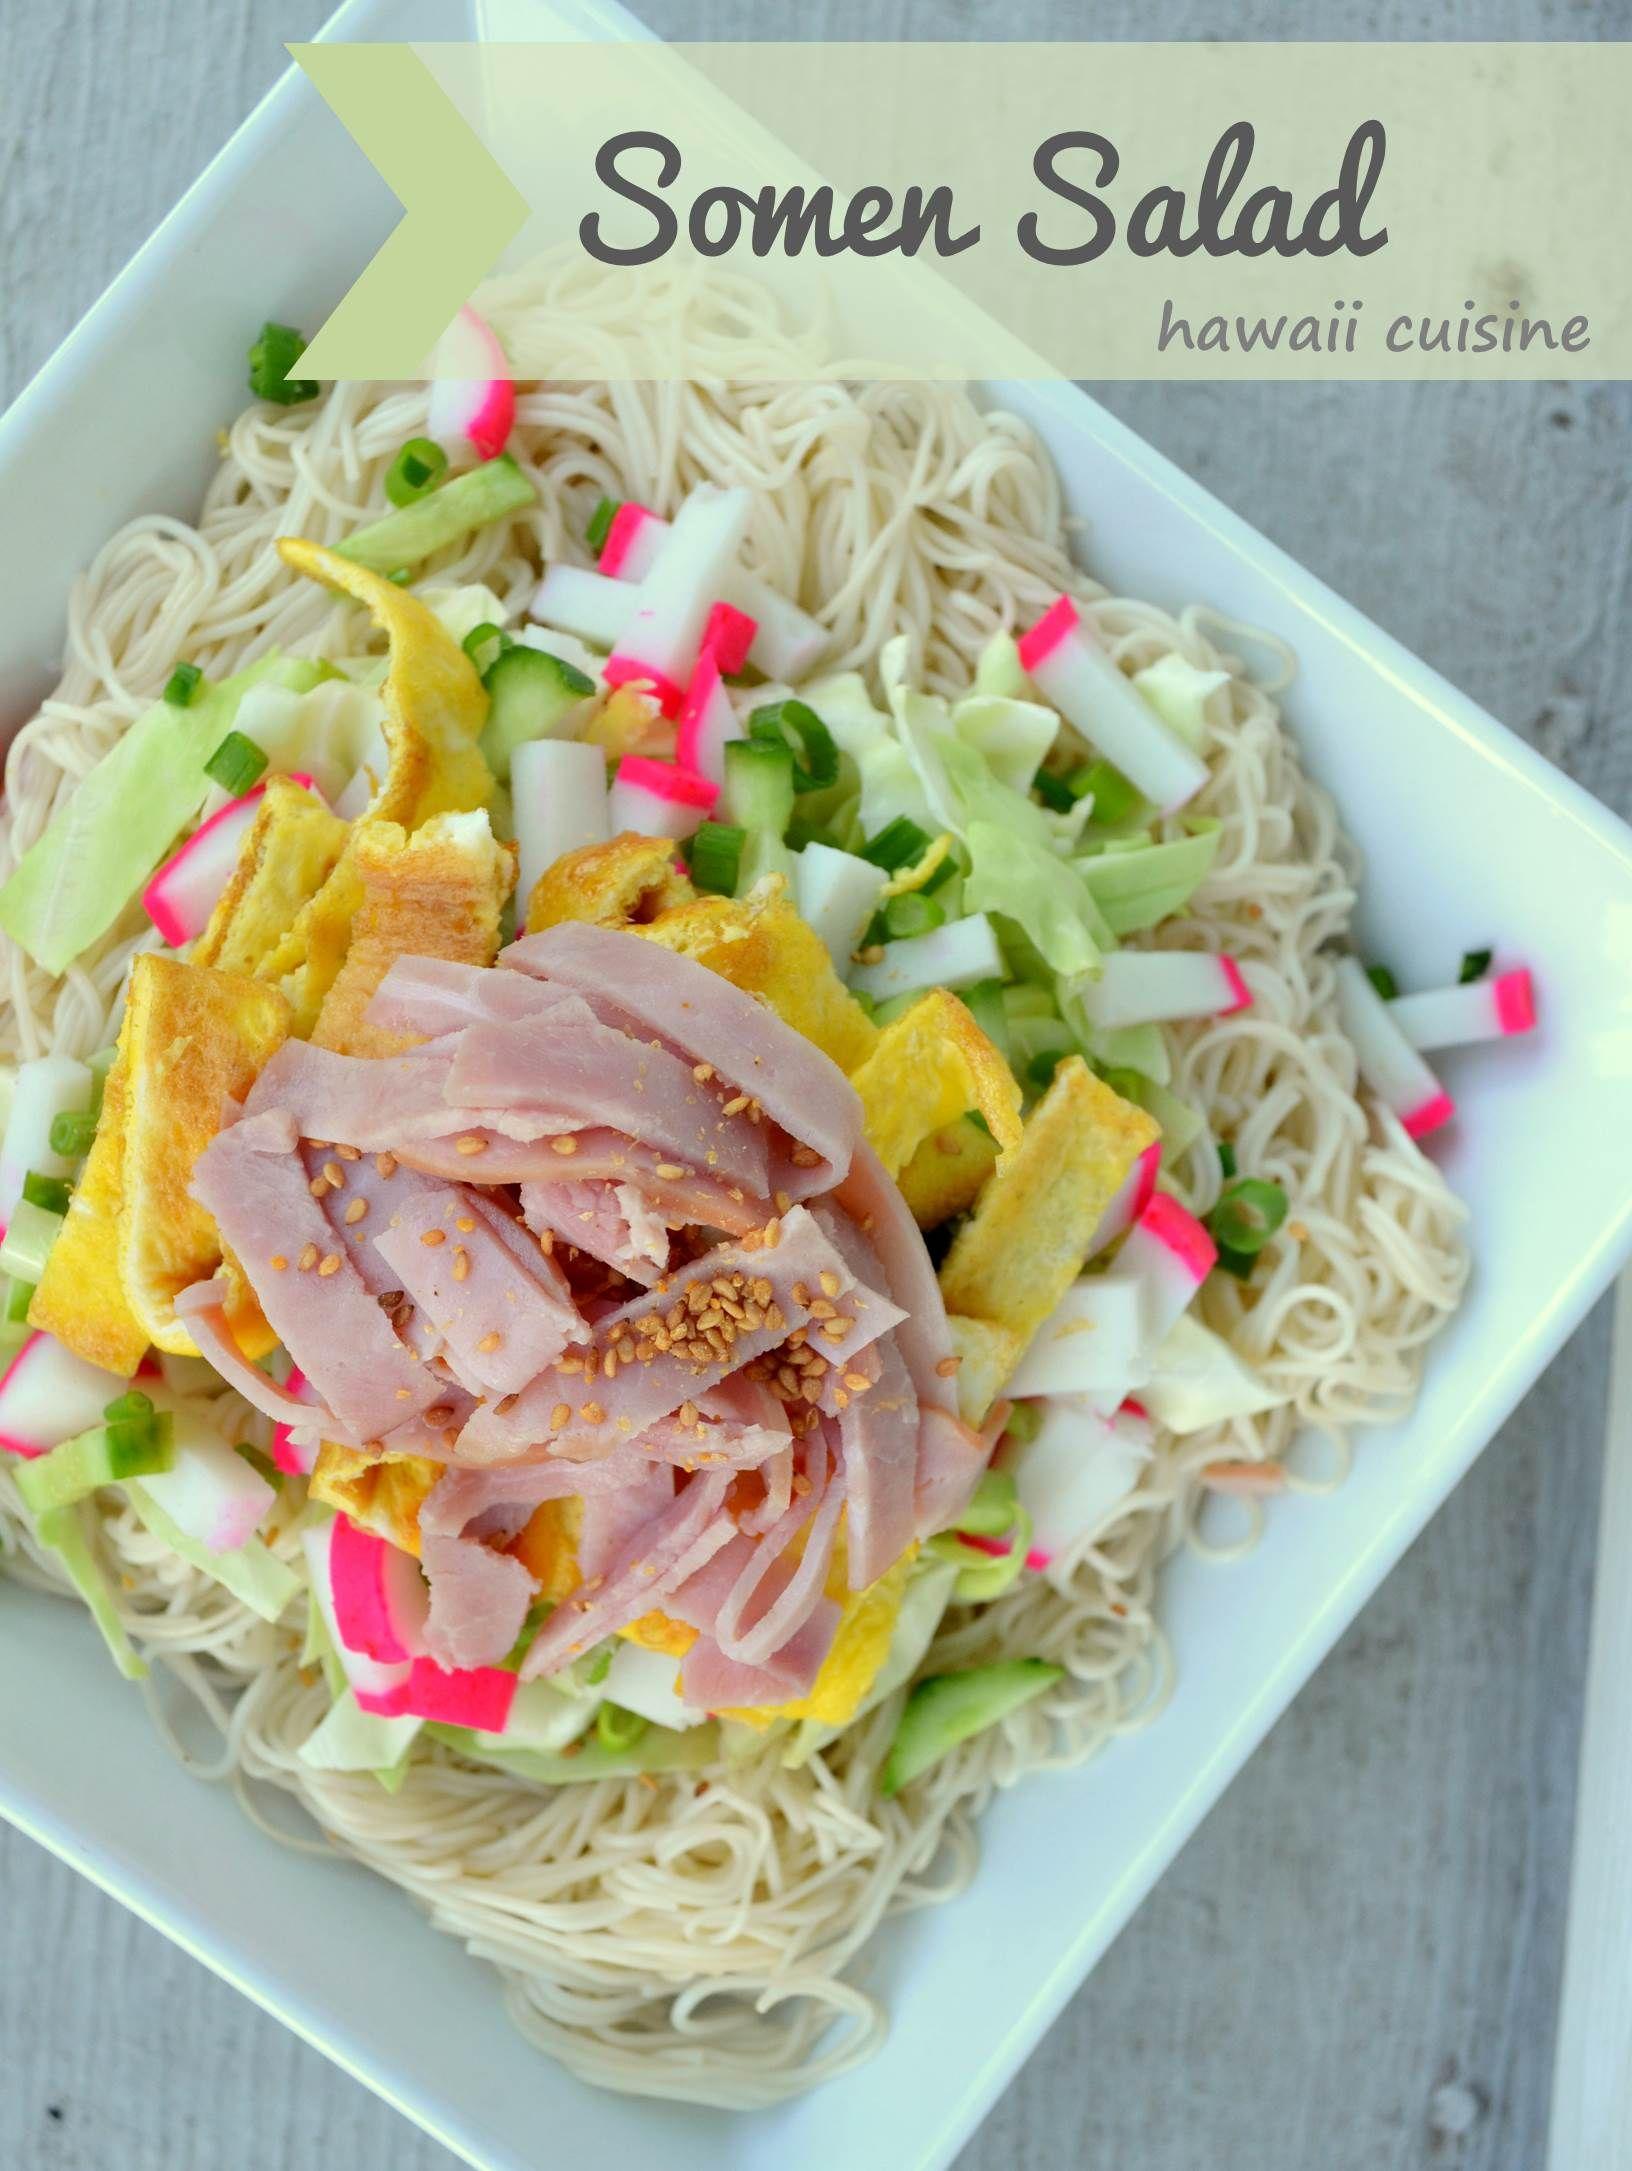 Hawaii Cuisine: Somen Salad   wedo.